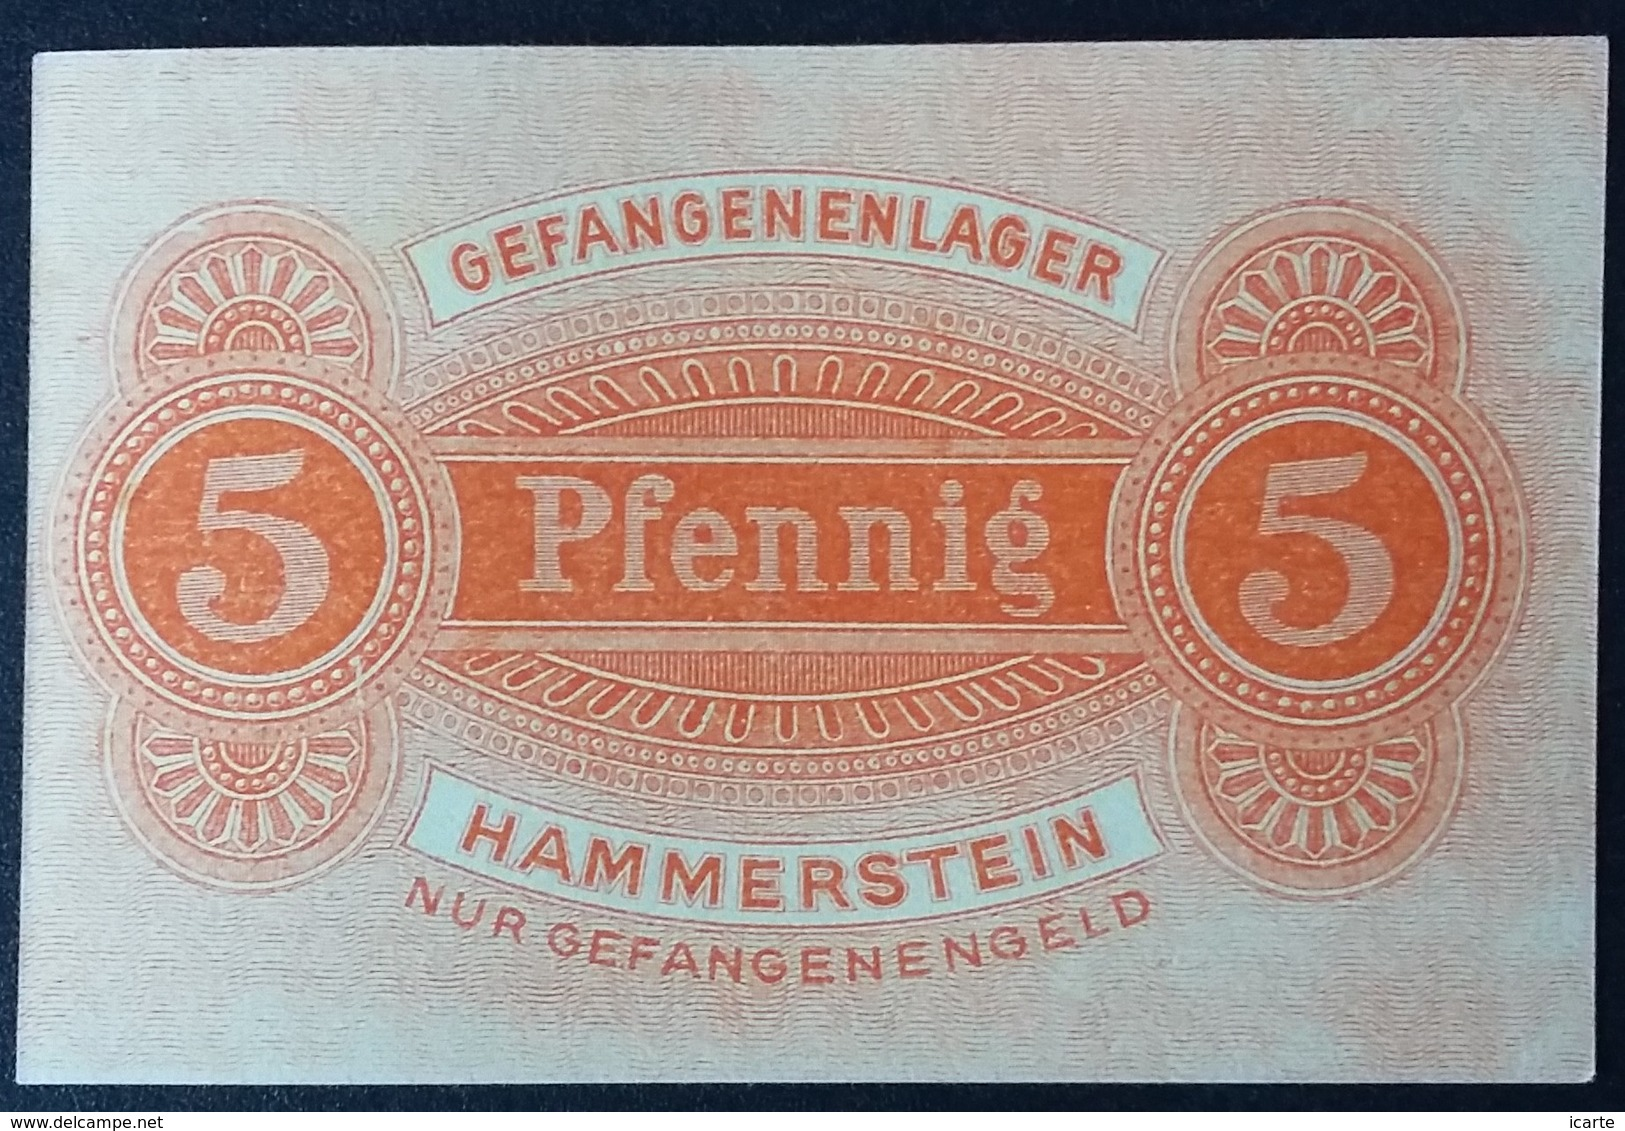 Billet 5 Pfennig LAGERGELD MONNAIE DE CAMP PRISONNIER DE GUERRE Kriegsgefangenenlager HAMMERSTEIN - Autres